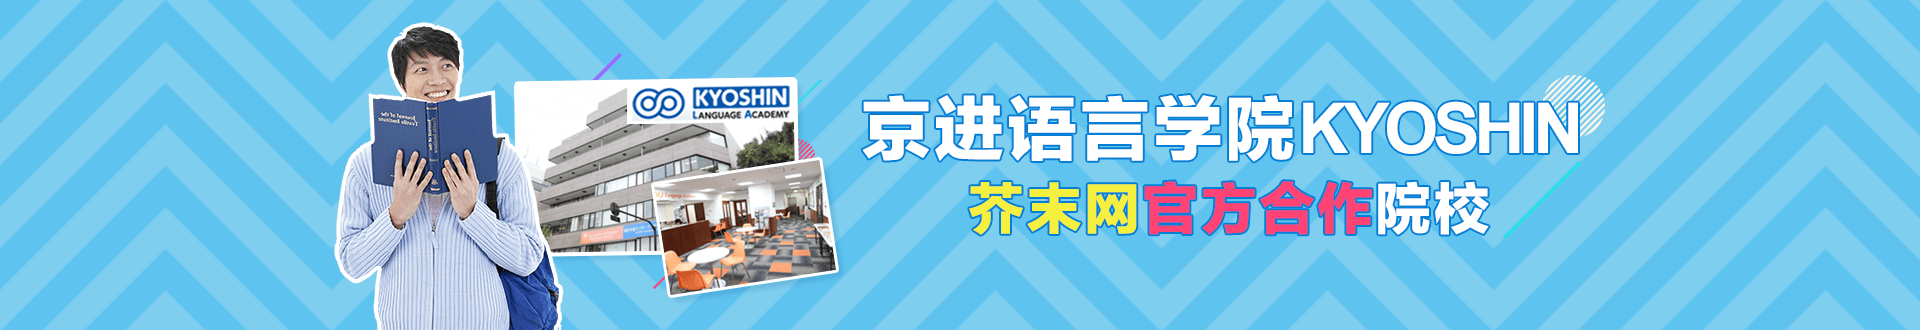 广告-日本语言语言学校